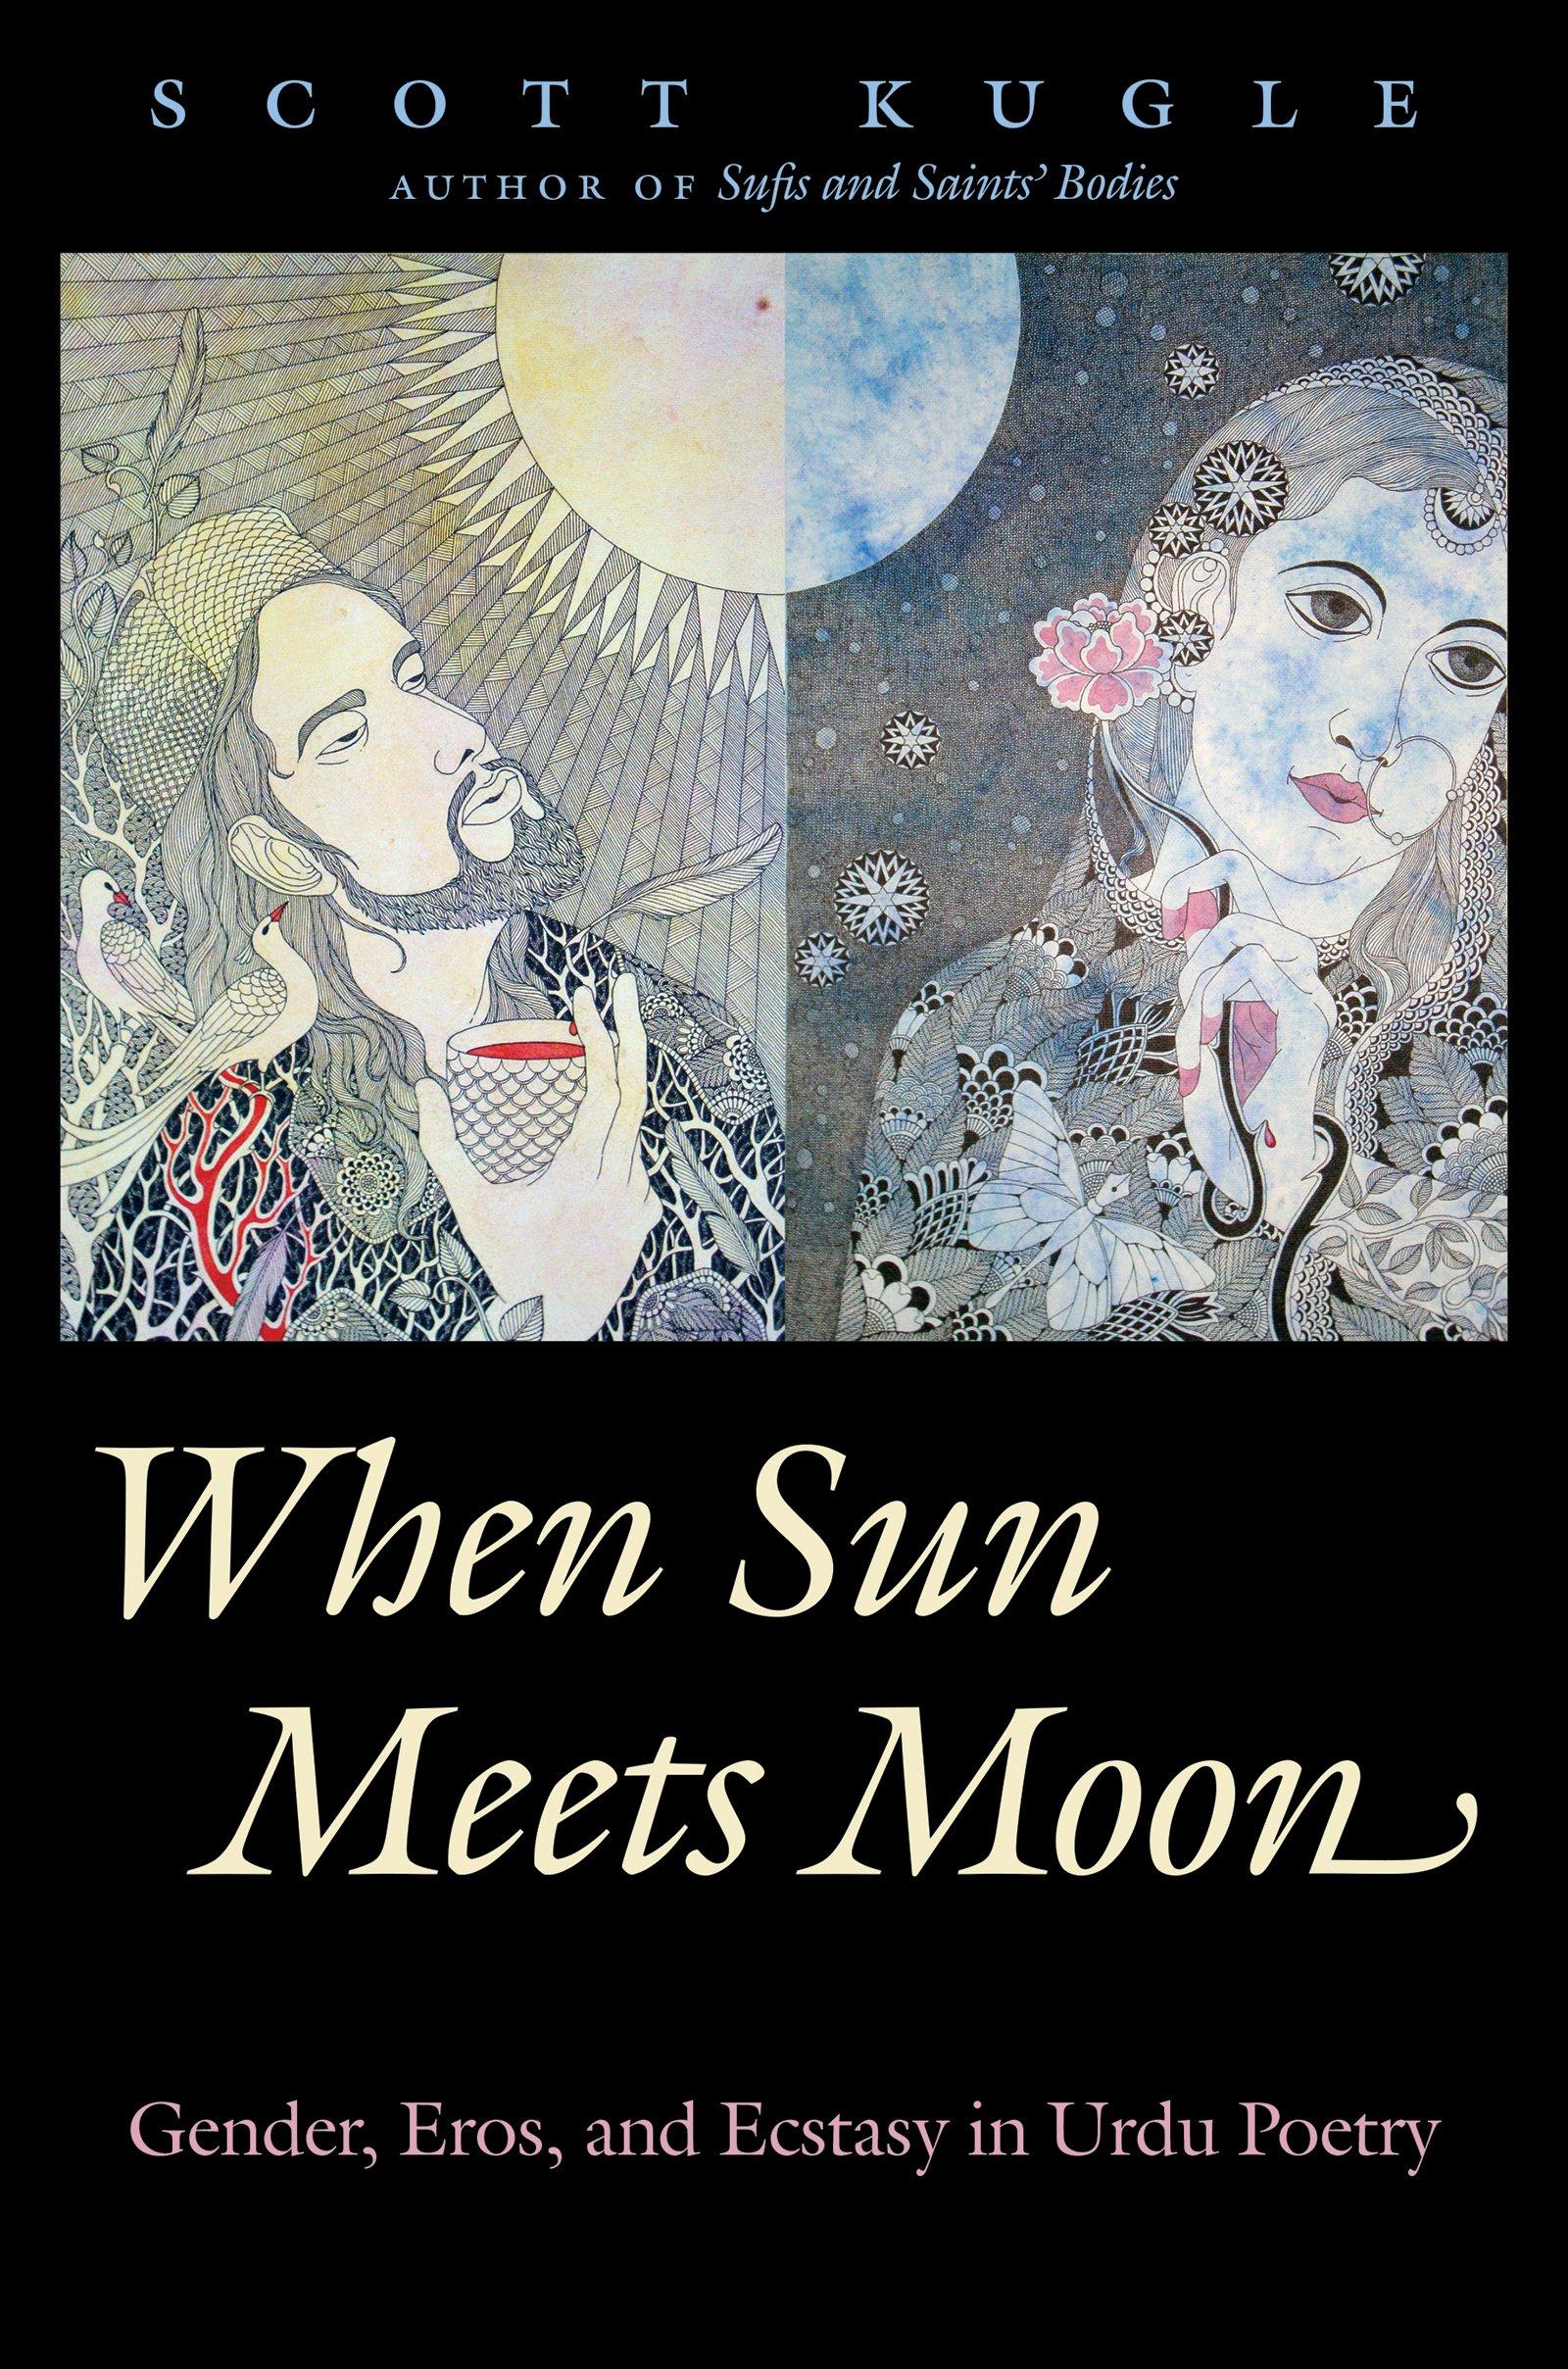 When Sun Meets Moon: Gender, Eros, and Ecstasy in Urdu Poetry